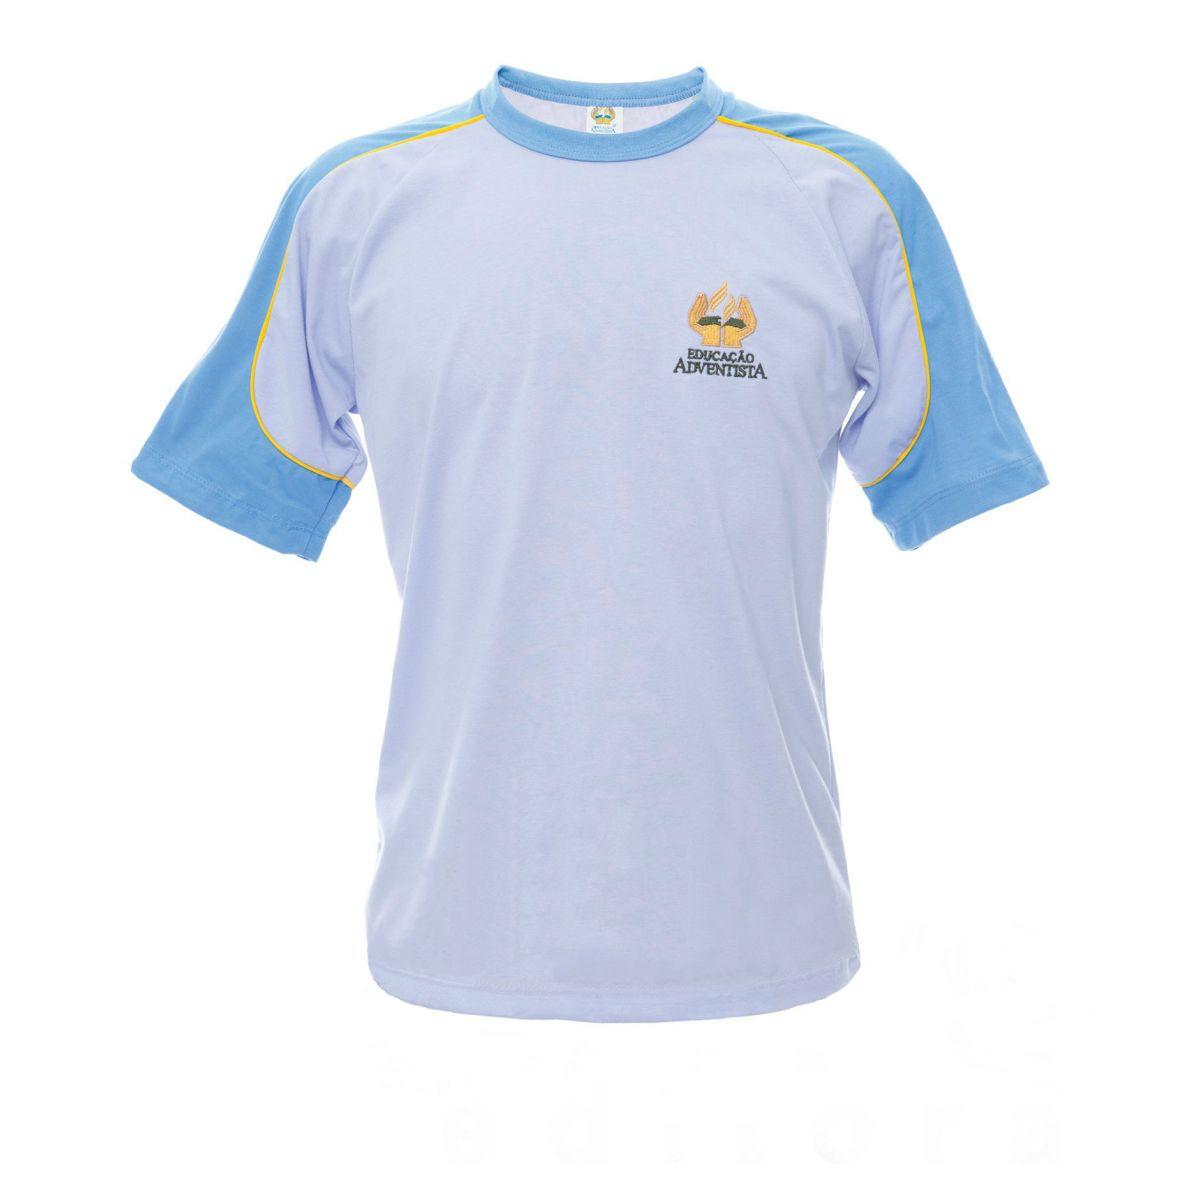 Camiseta Manga Curta - PPI ( 4 )